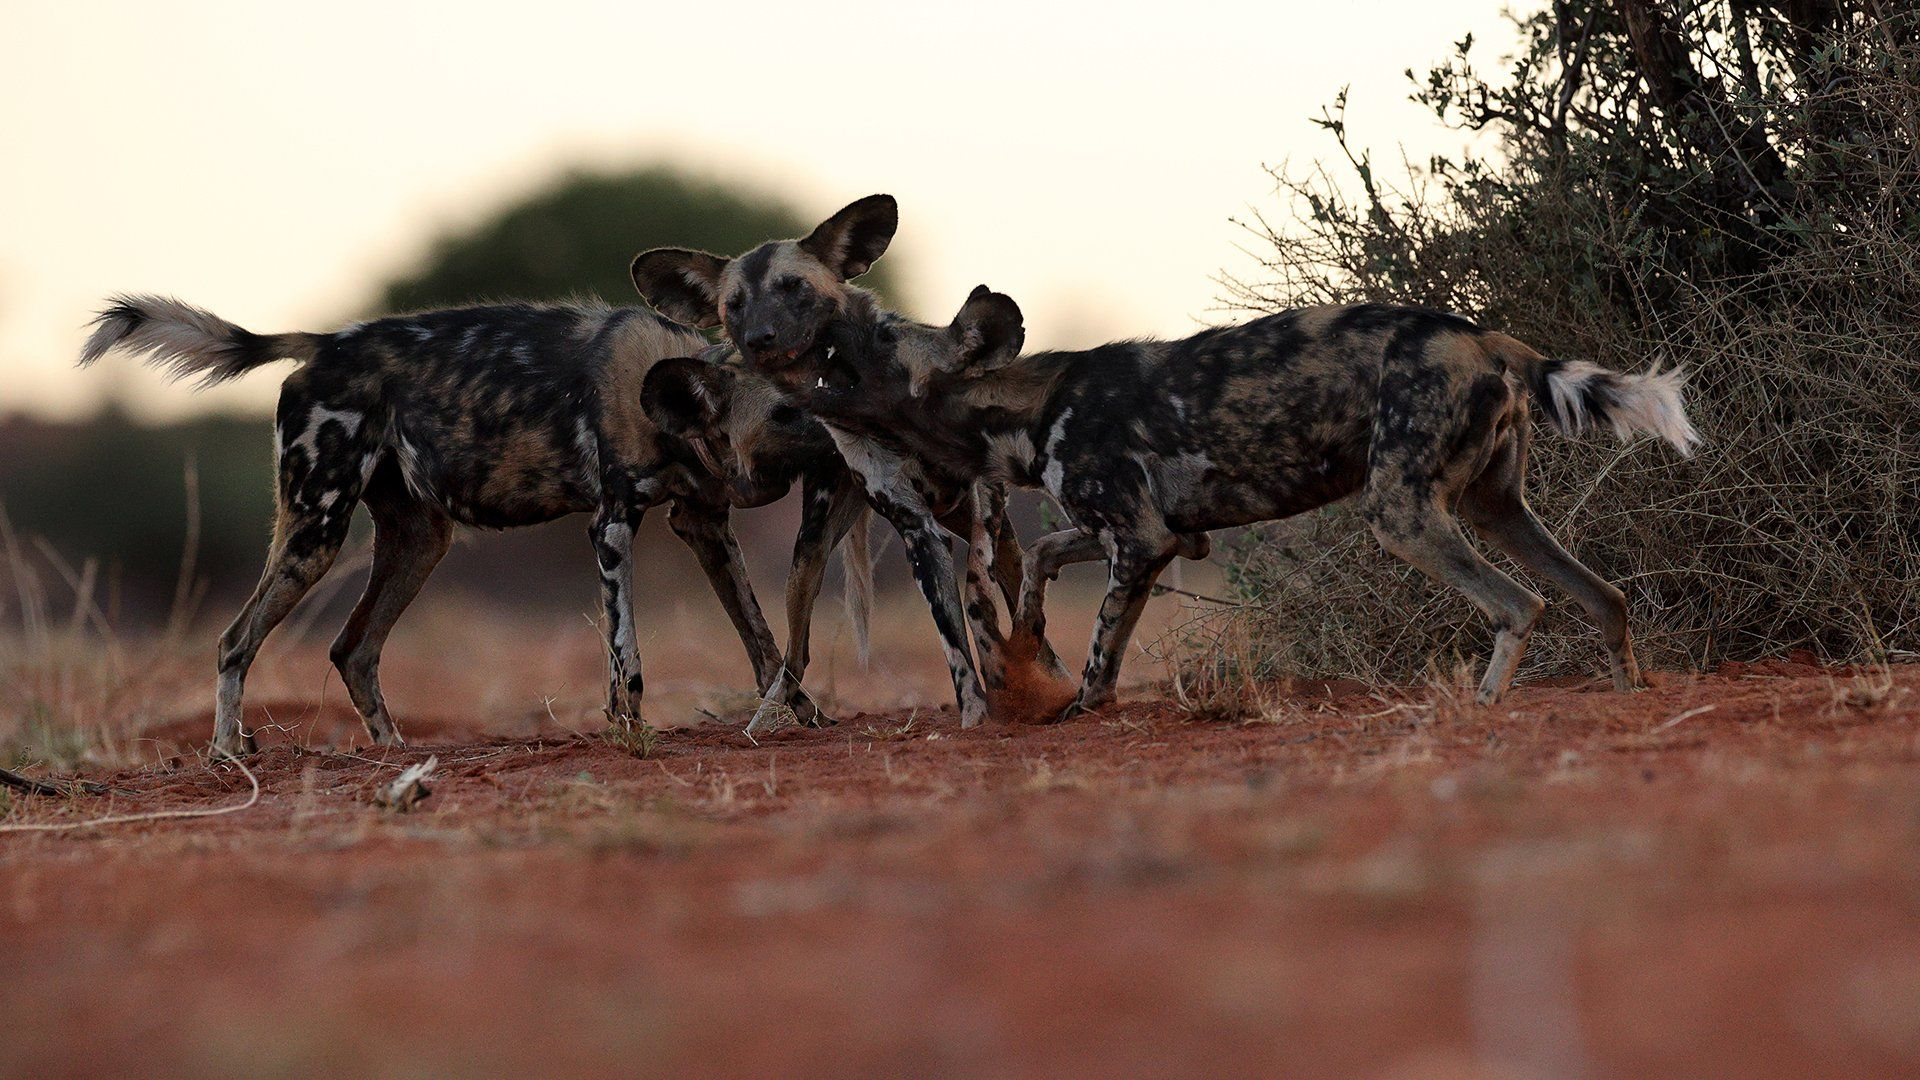 Hyenas in Kalahari